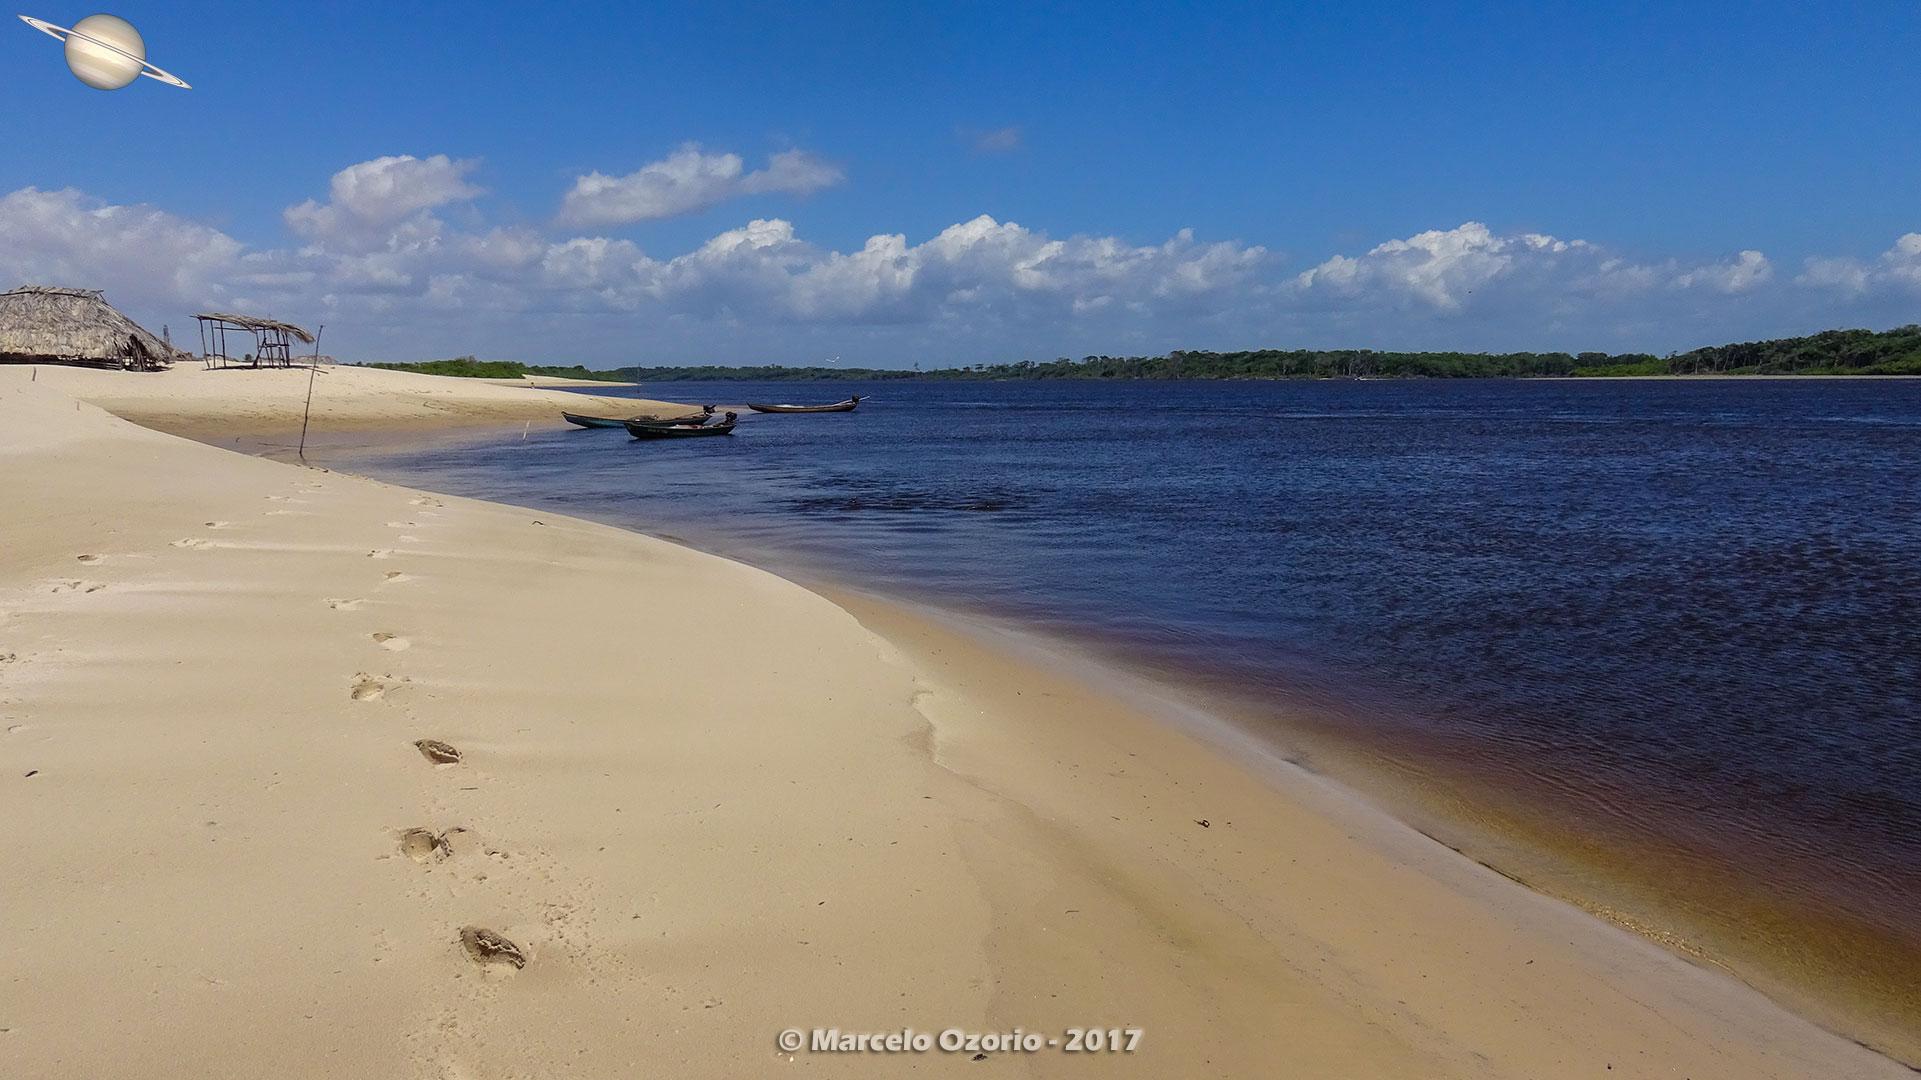 cabure lencois maranhenses brasil 30 - De Barreirinhas à Canto do Atins. Trekking nos Lençóis Maranhenses - Brasil